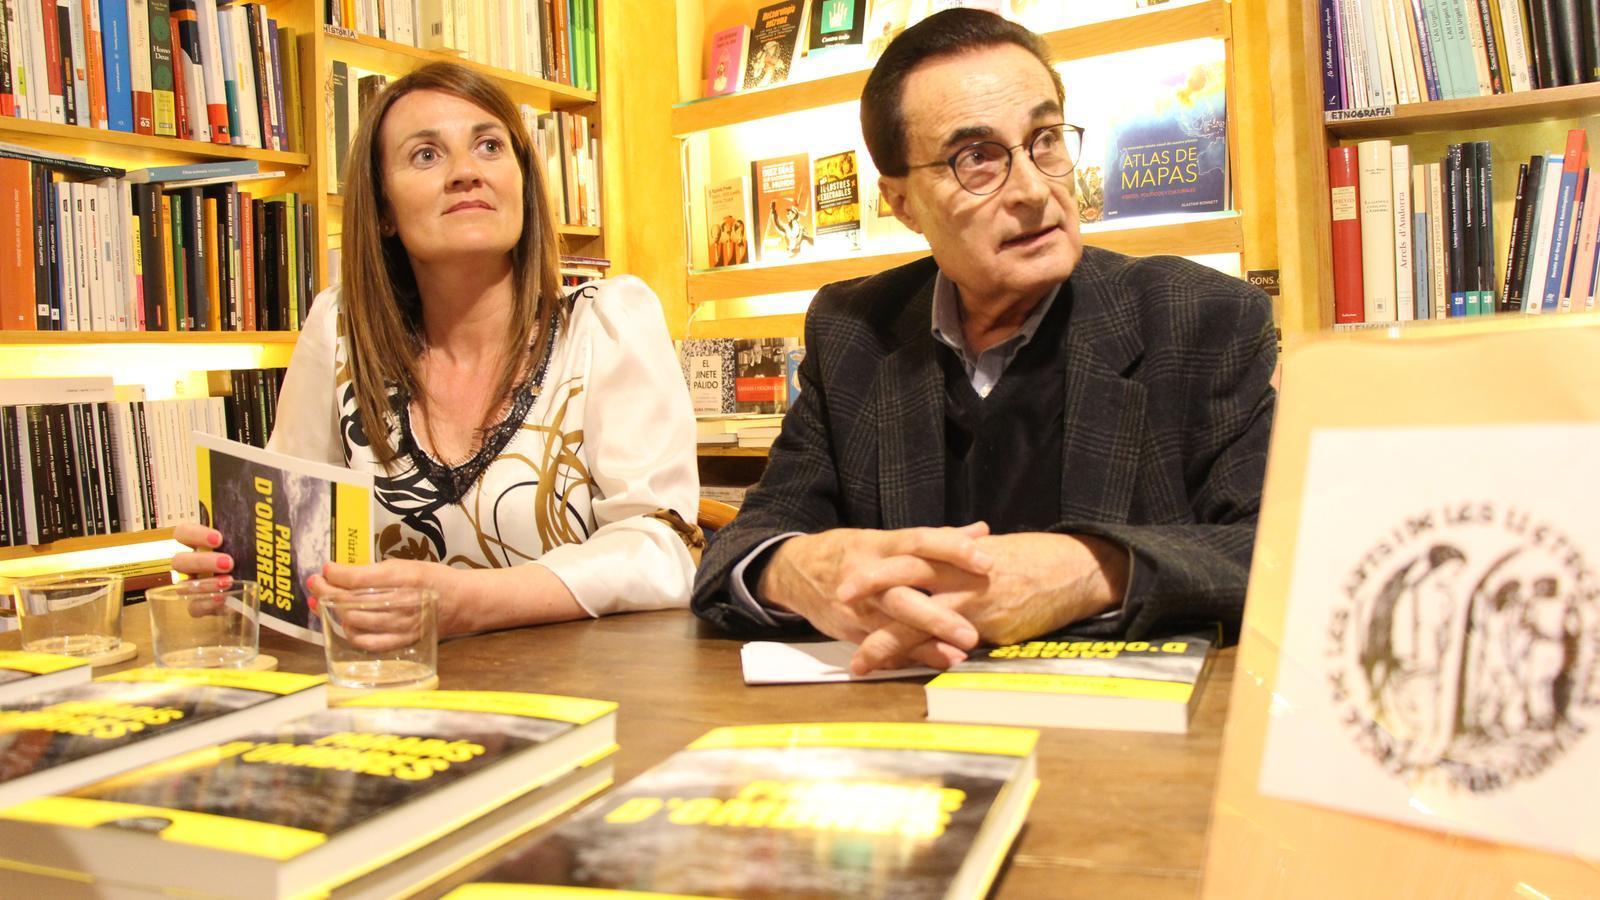 La ministra de Cultura, Olga Gelabert, i el president del Cercle de les Arts i de les Lletres, Joan Burgués, han presentat 'Paradís d'ombres', aquest dimarts a la llibreria La Puça. / E. J. M. (ANA)